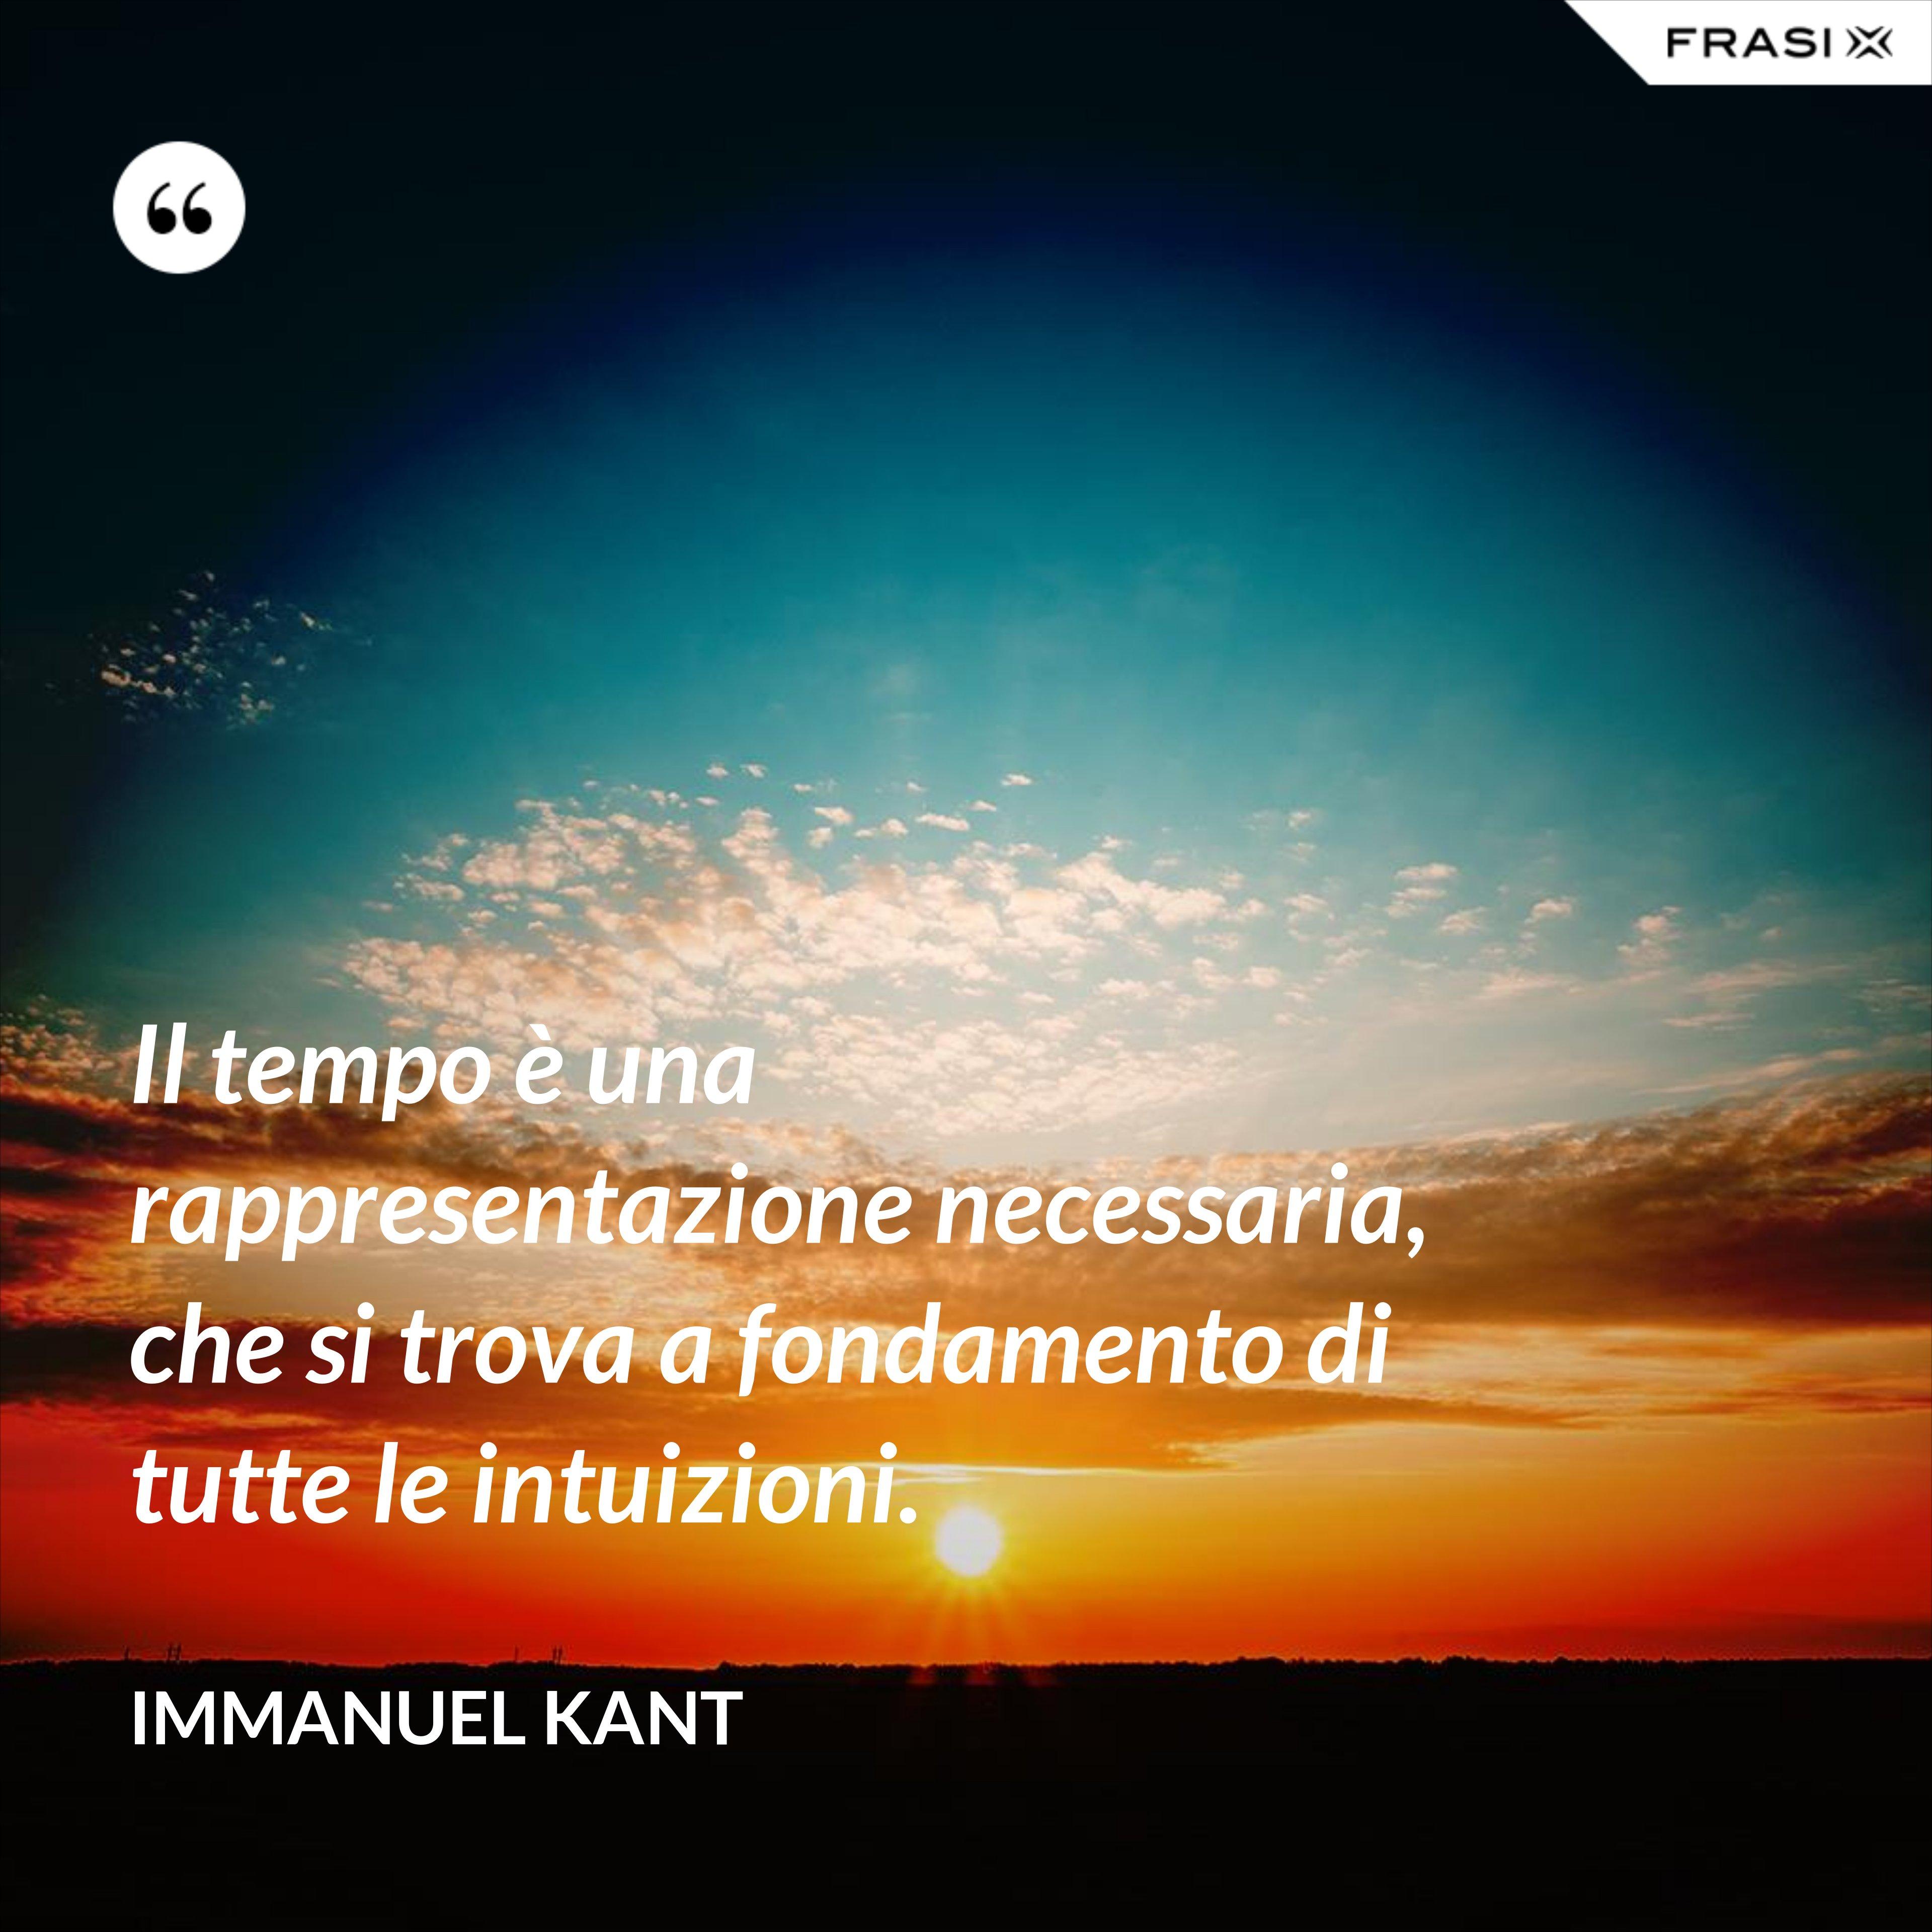 Il tempo è una rappresentazione necessaria, che si trova a fondamento di tutte le intuizioni. - Immanuel Kant